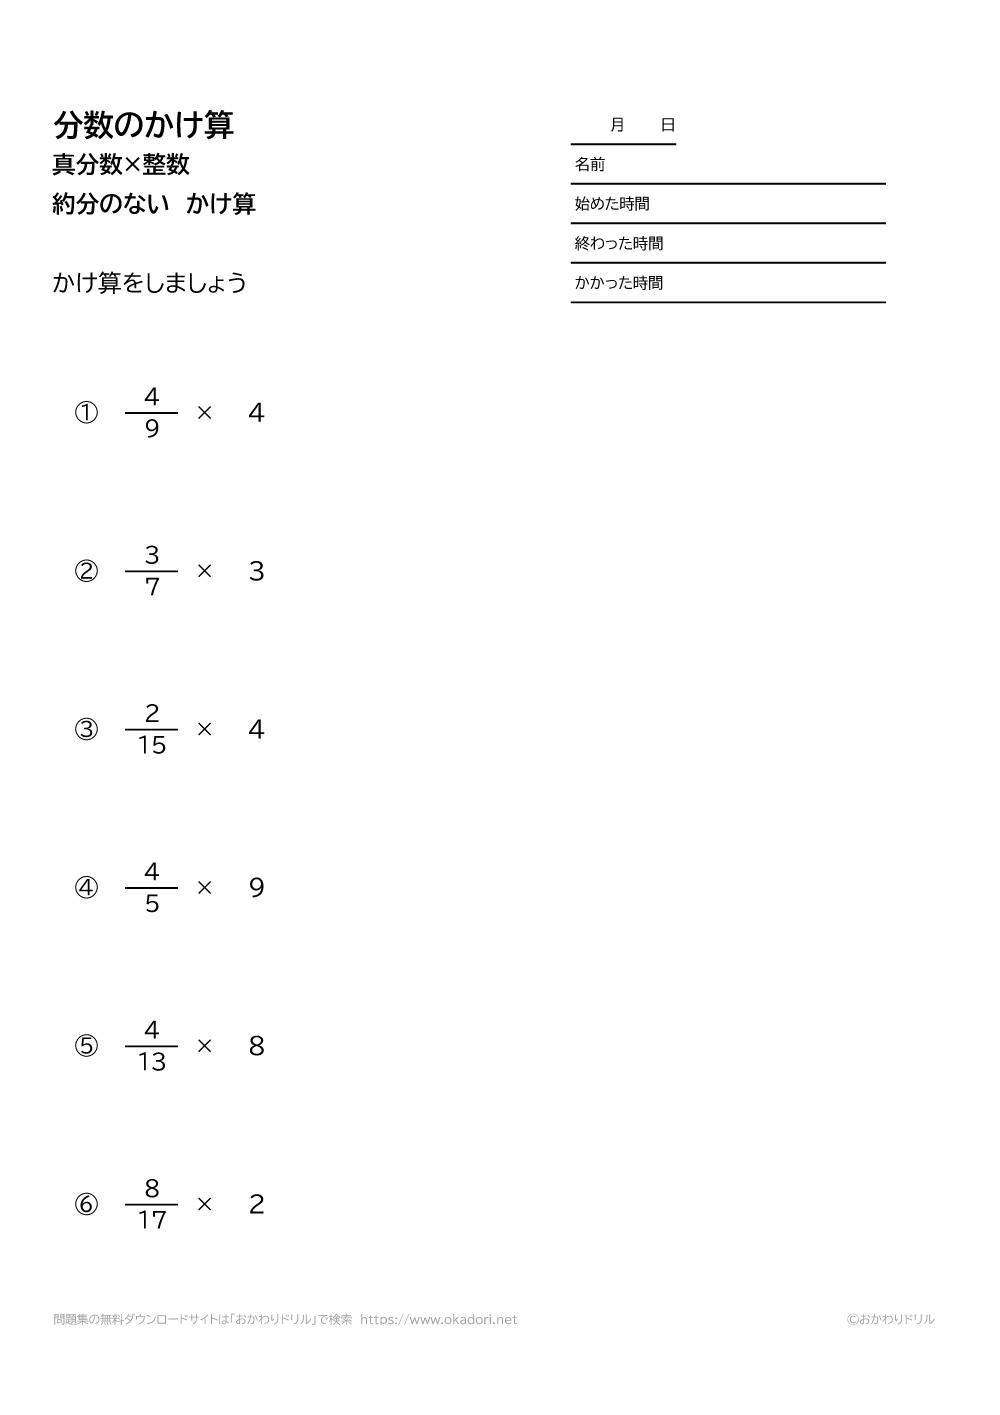 真分数×整数の約分の無い掛け算4